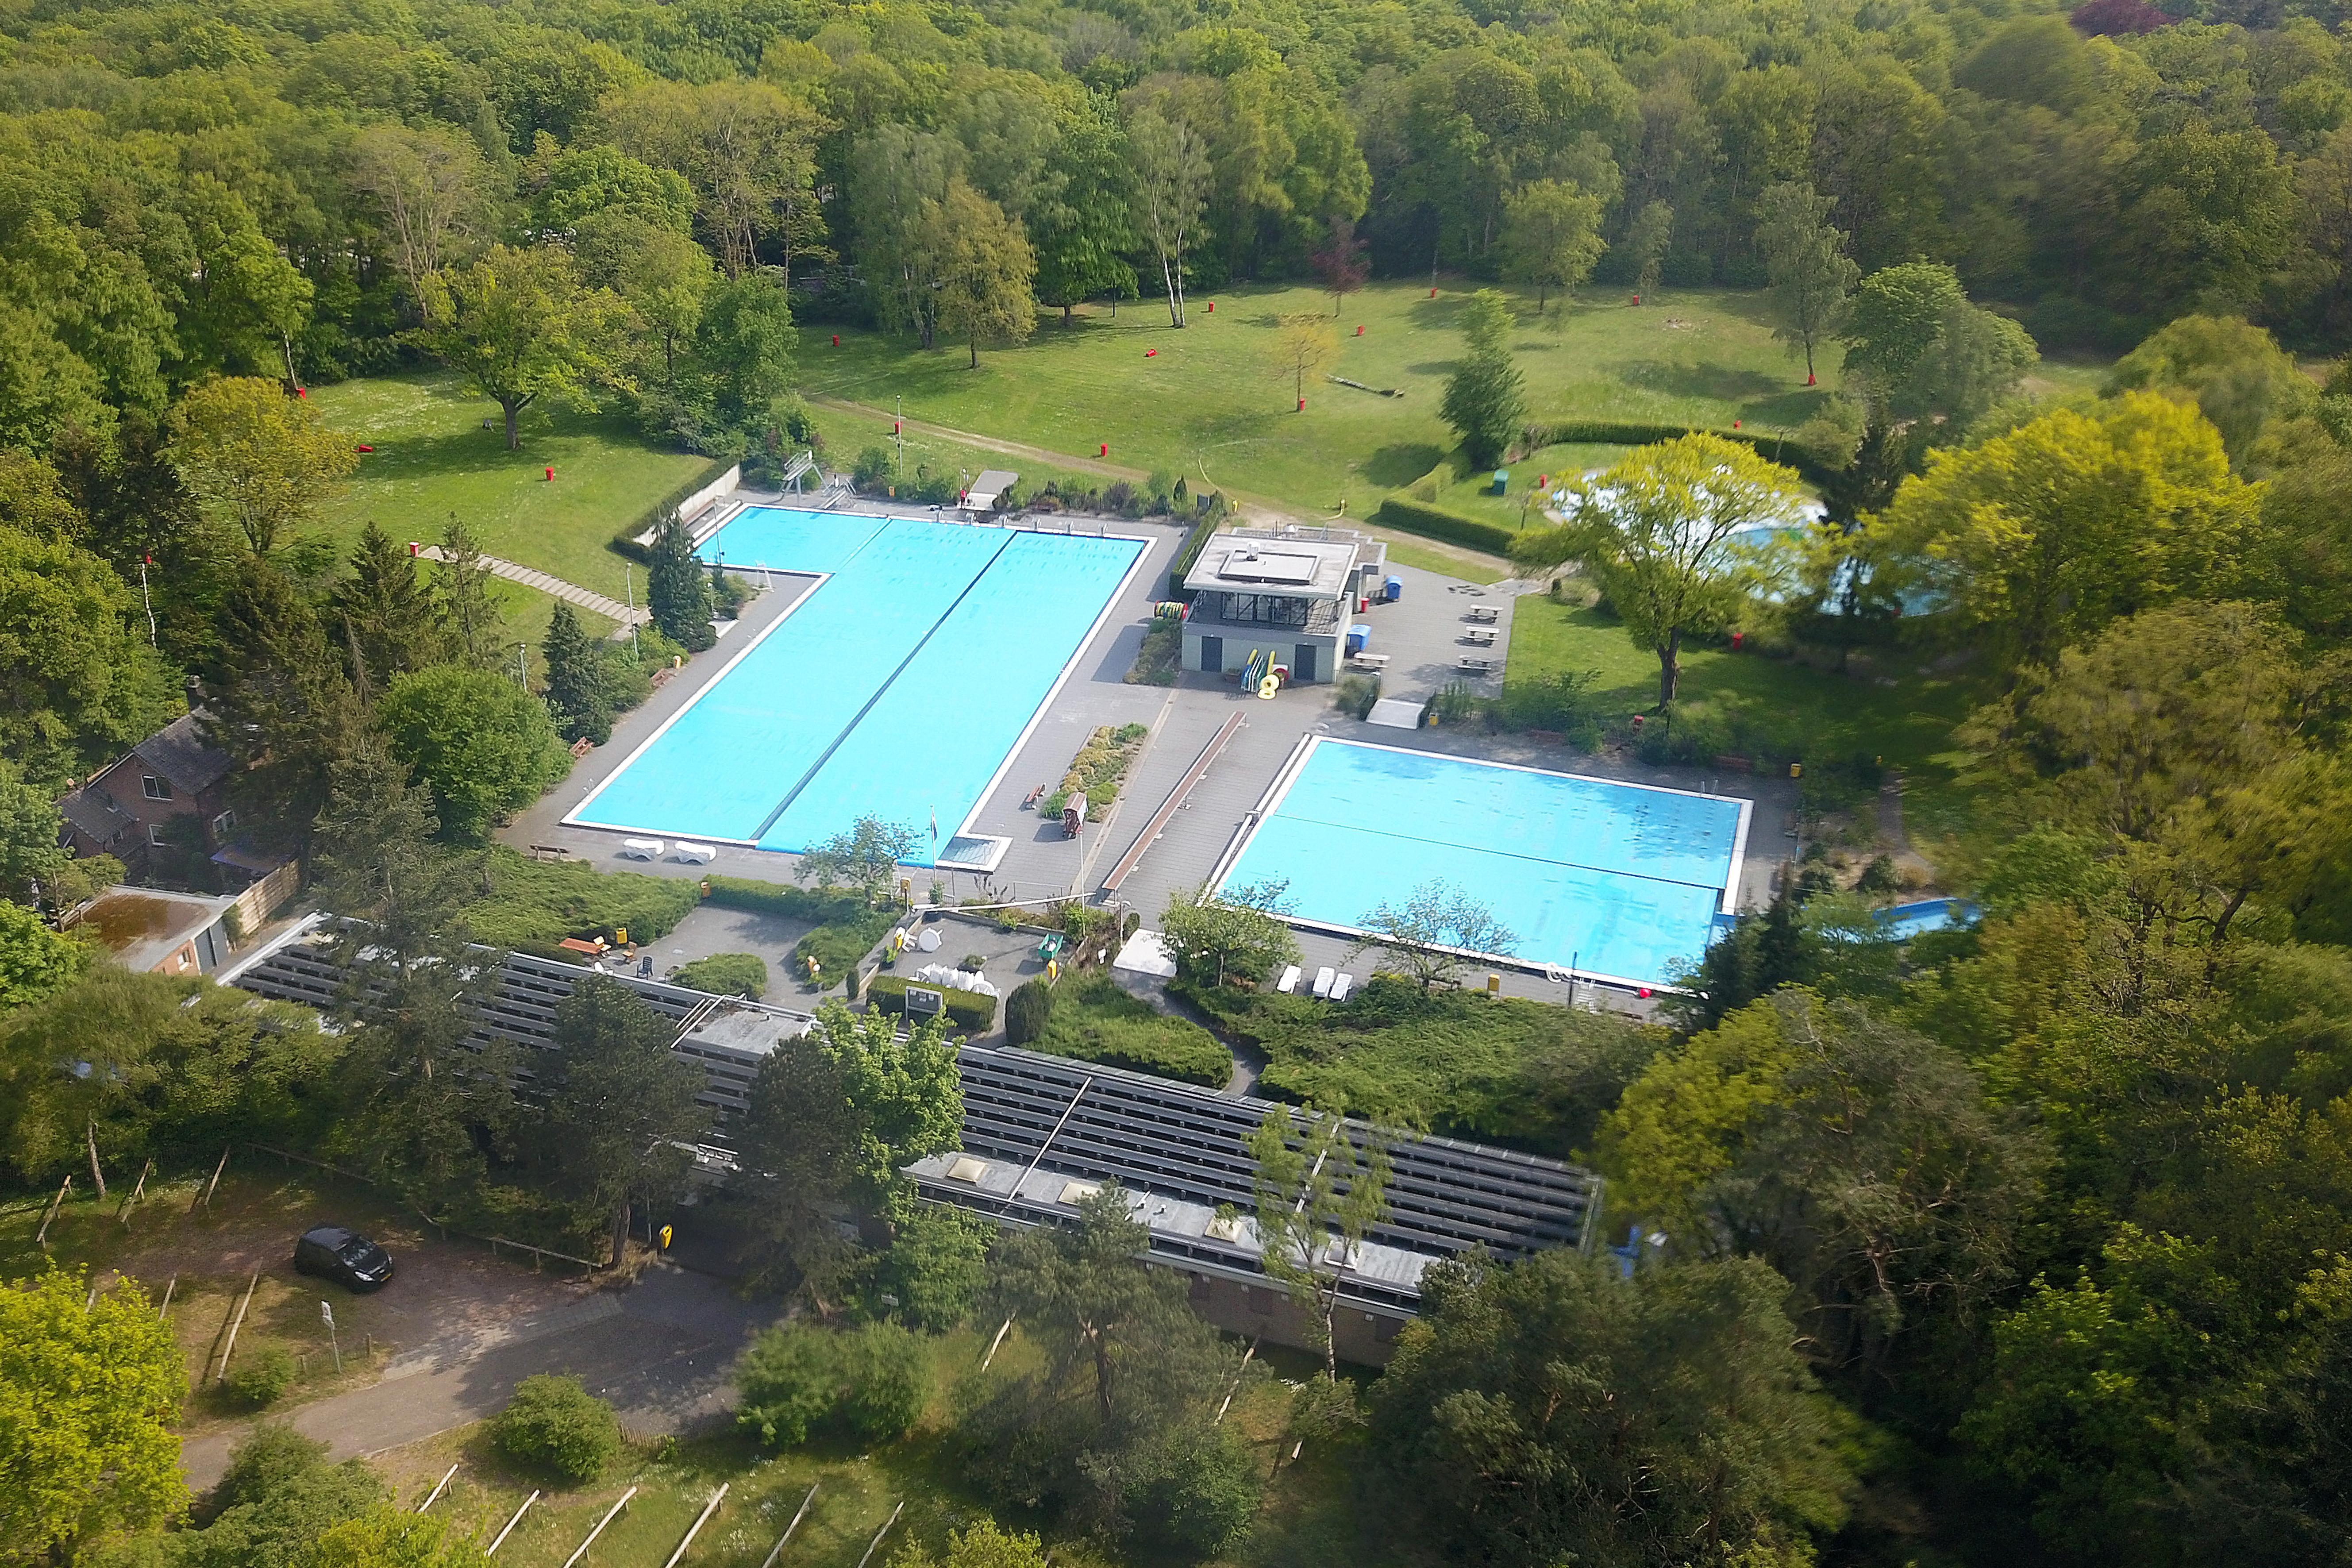 Zwembad Sijsjesberg in Huizen blijft het hele zwemseizoen dicht, wethouder Roland Boom weet dat 'heel veel gezinnen nu zwaar teleurgesteld zijn'